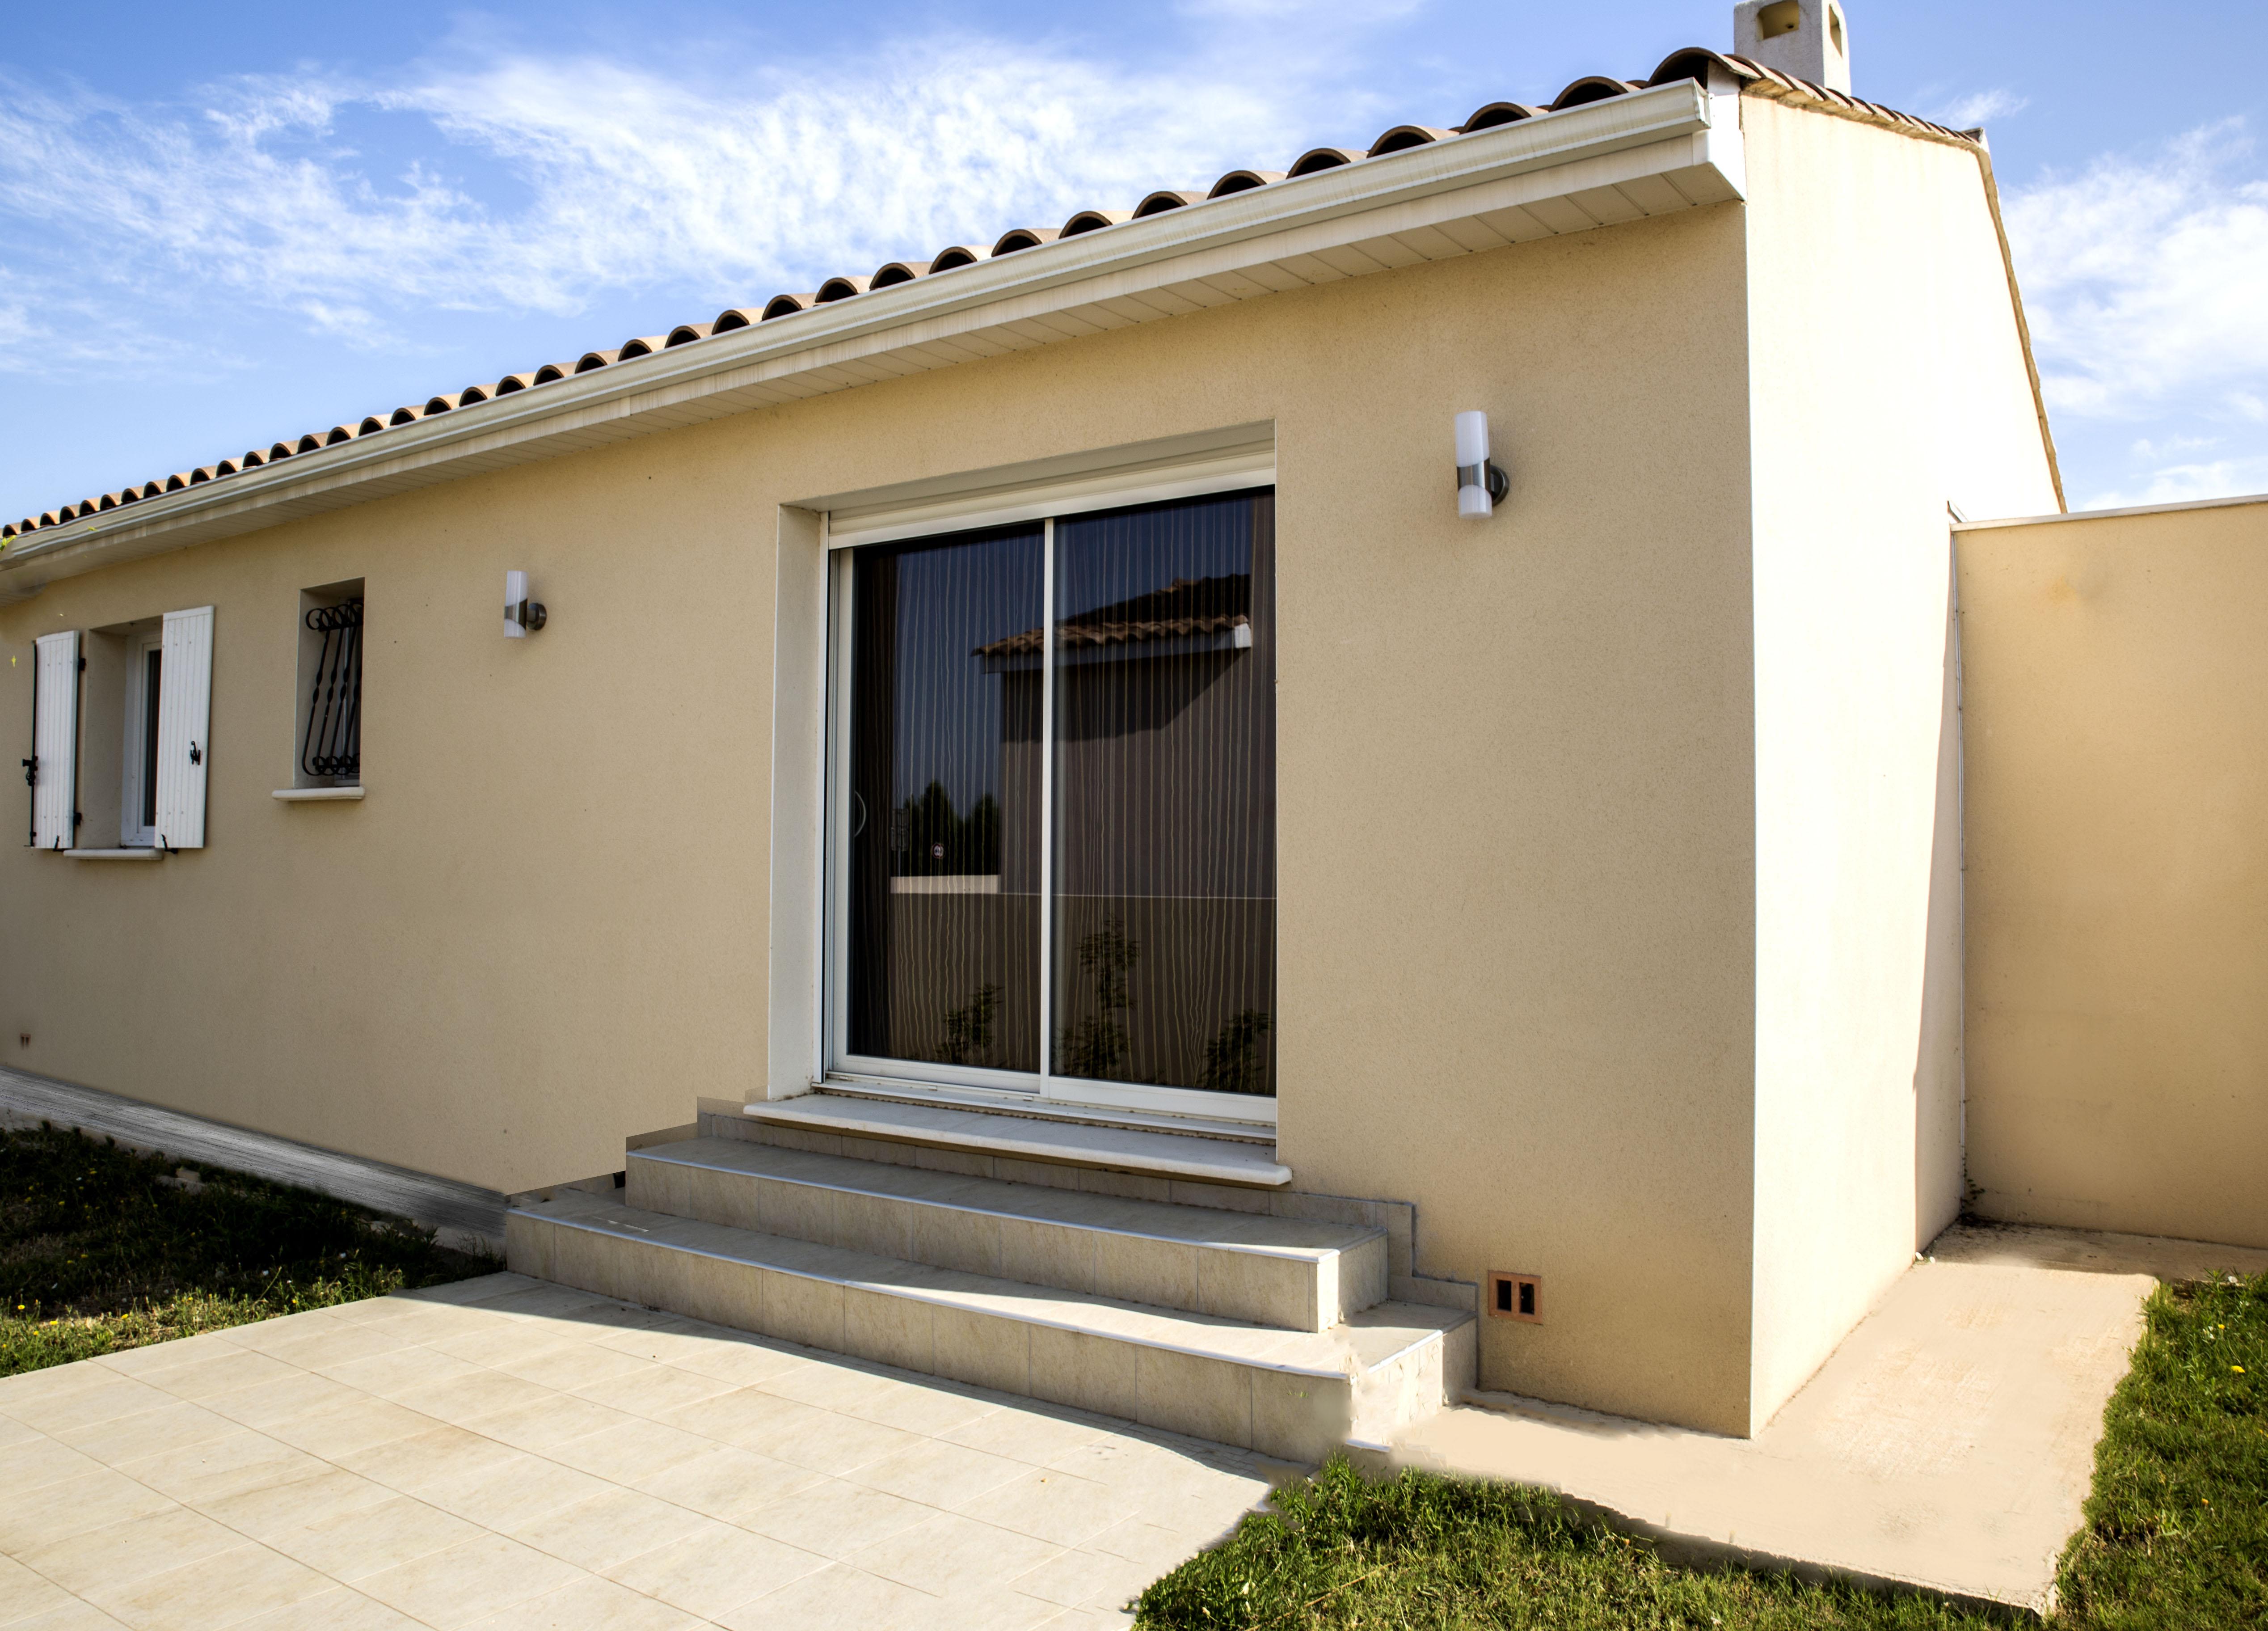 Maisons + Terrains du constructeur VILLADIRECT LE PONTET • 80 m² • SORGUES